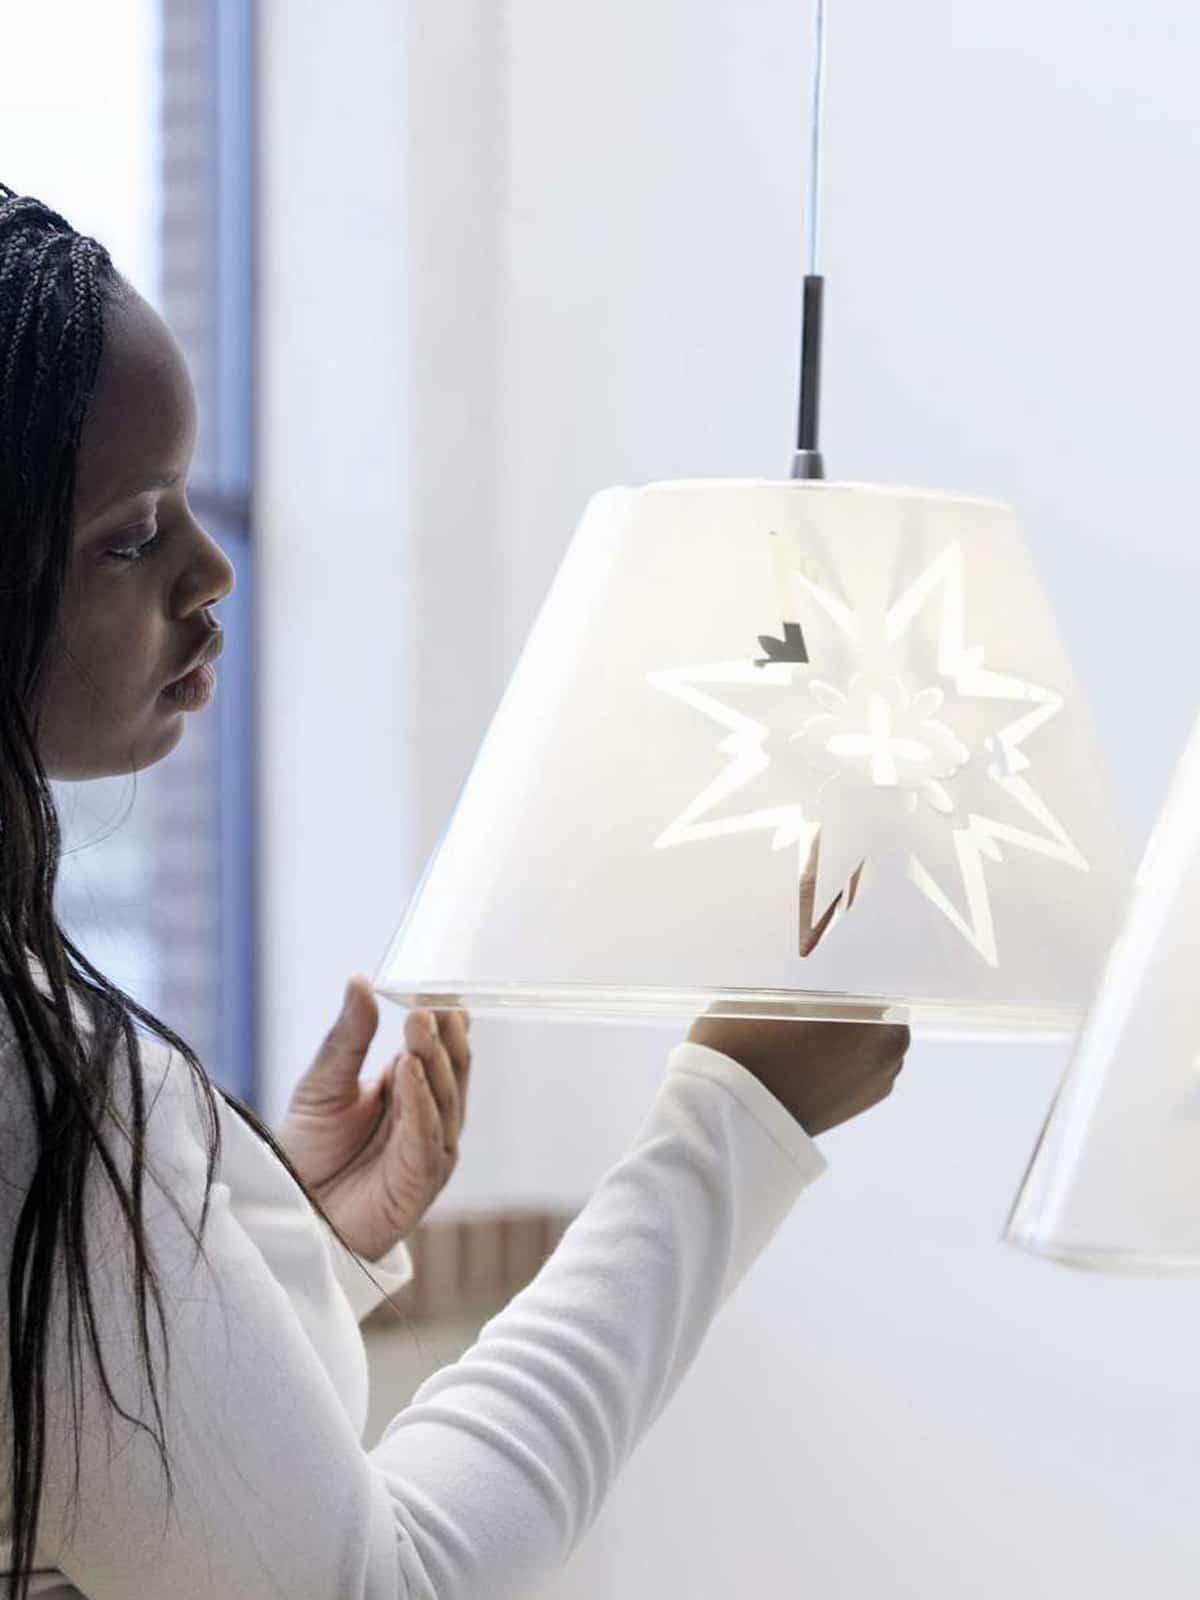 Designerleuchte Pendelleuchte Undercover mit wechselbaren Innenfolien